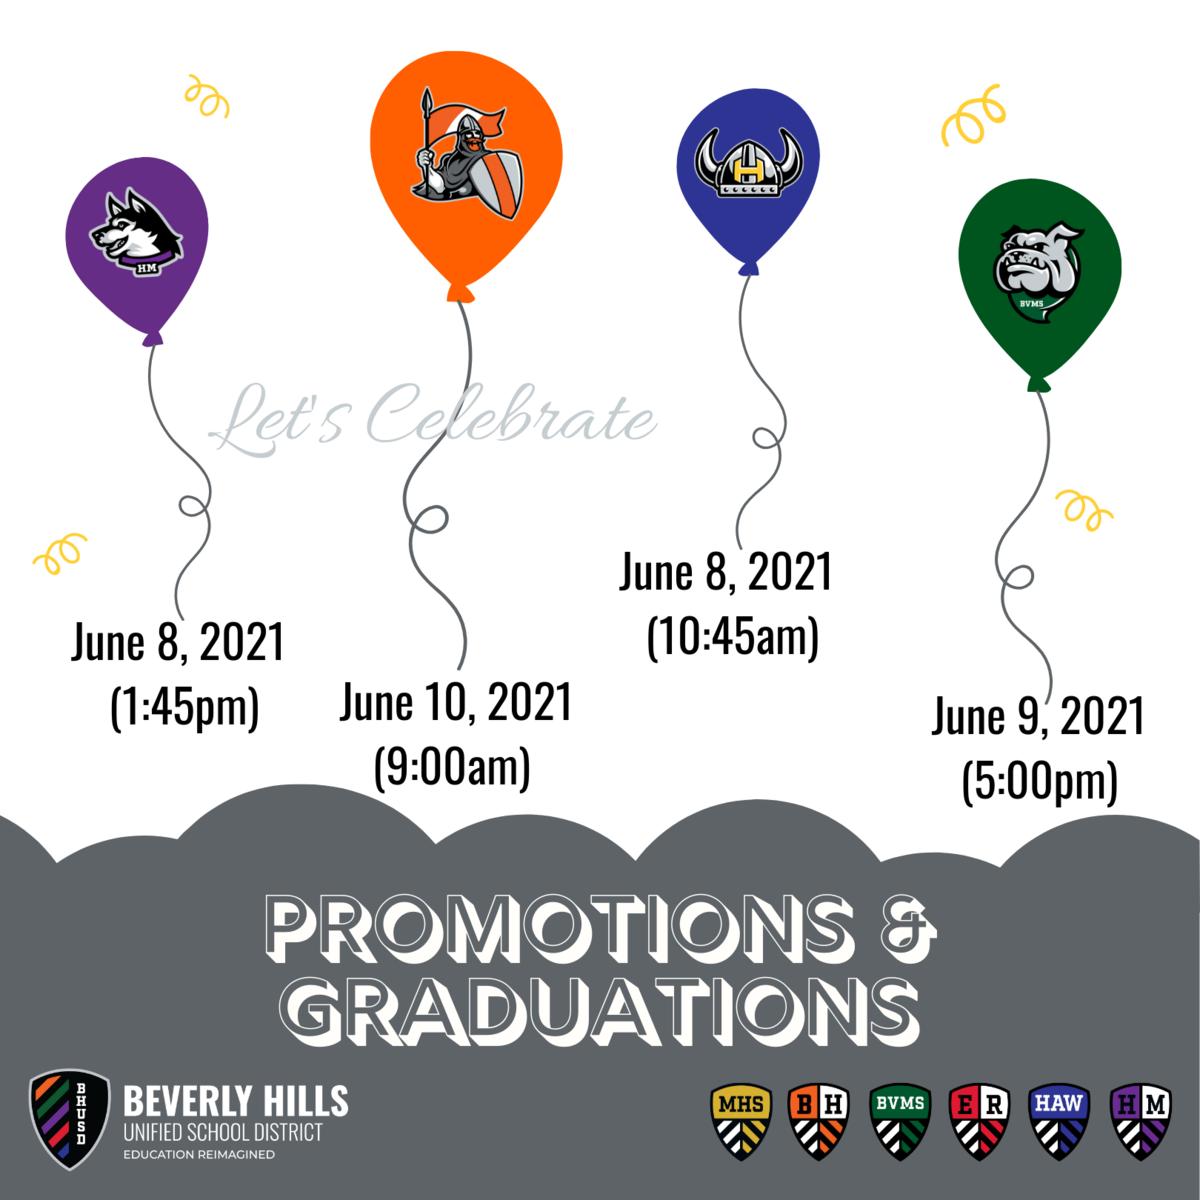 Graduation/Commencement